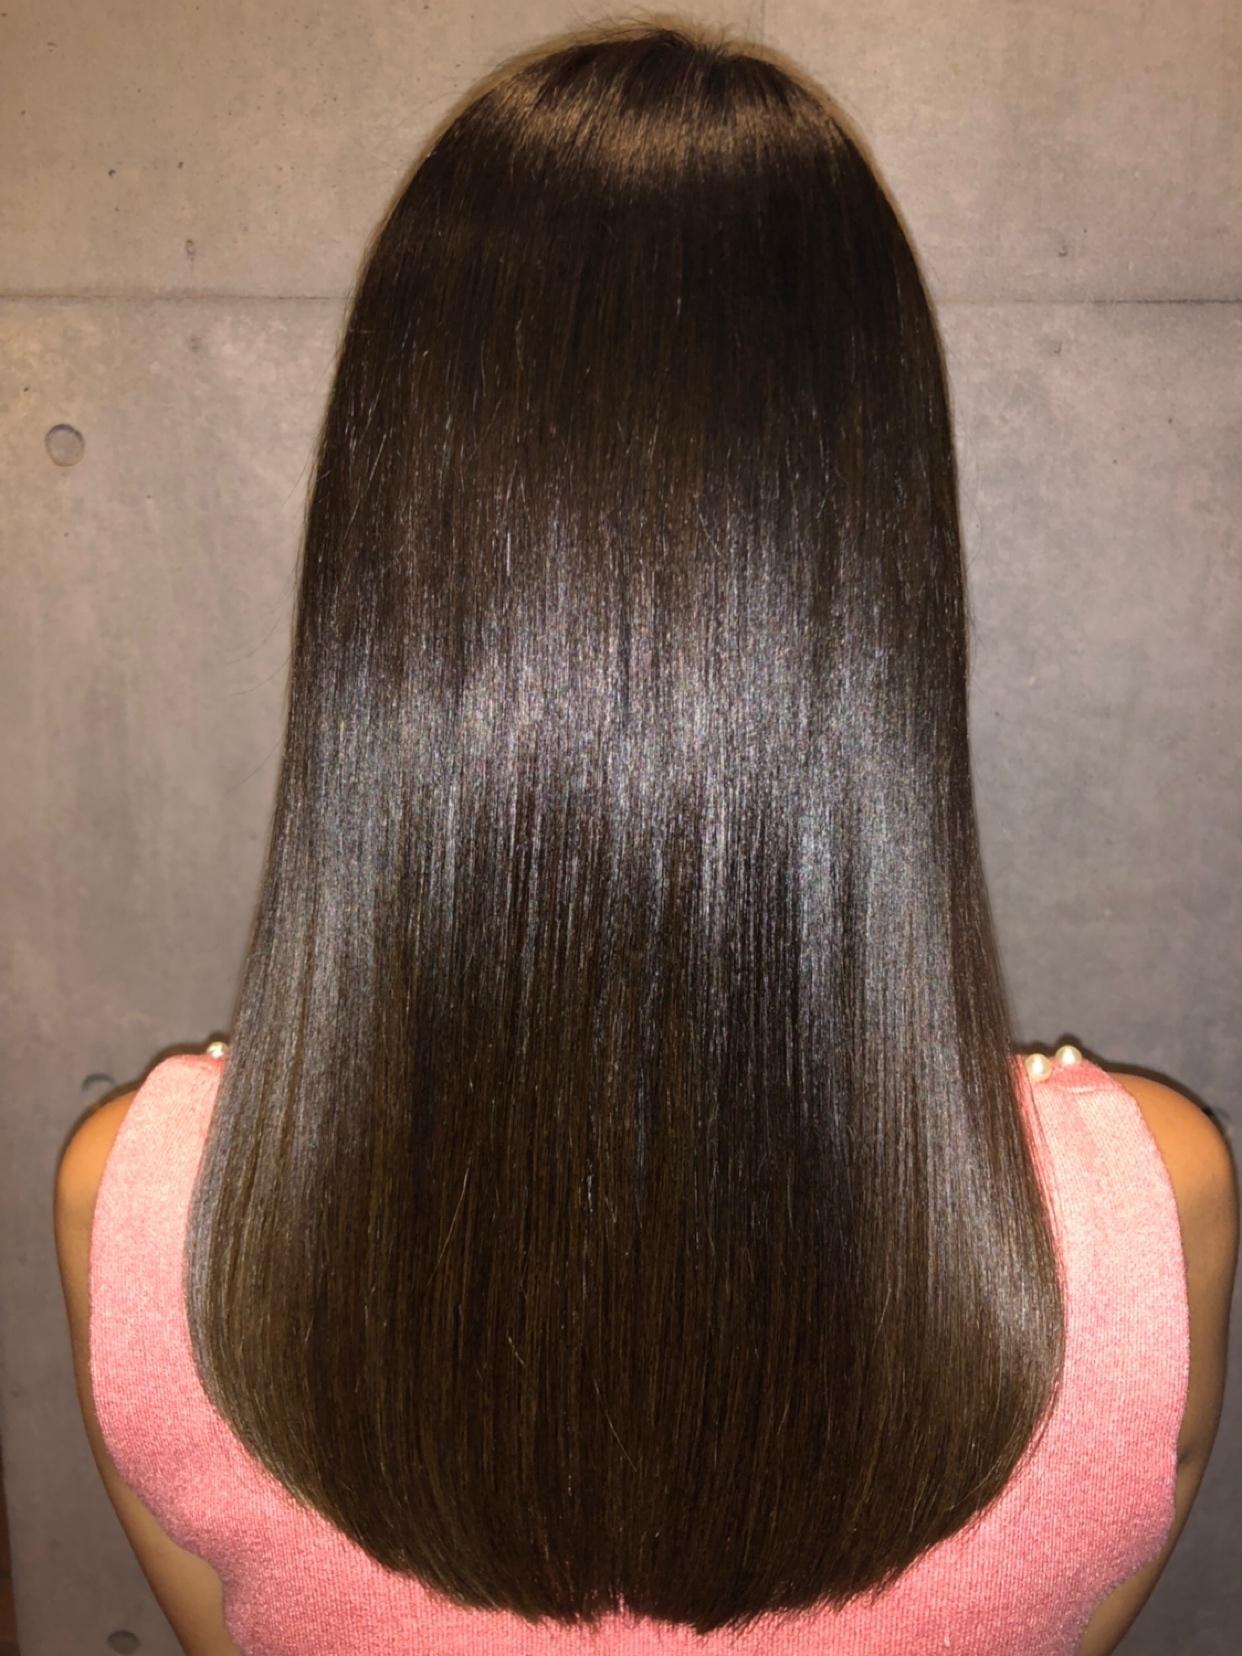 梅雨時期に向けて☂☔ 湿気による髪の毛の膨らみ、うねり、広がり  そんな時は #ケラチントリートメント で解決❗❗  トリートメントなのにクセ、うねり、広がりを抑えることができます😆  縮毛矯正、パーマ剤とは違い、完全なトリートメントになります。  ハイダメージで縮毛矯正、ストレートパーマが できない方なども気にせずできます。  縮毛矯正ほど真っ直ぐにはなりませんが(髪質によります。  髪質が1つでも当てはまった方はぜひ🙆♂ ☂湿気で髪の毛にボリュームが出る 🌀髪の毛にうねり、クセがある 💪くせ毛で髪が細くハリ、コシがない ☠縮毛矯正、ブリーチによってのハイダメージ毛だがクセを抑えたい 🆖美容室にてハイダメージなので、縮毛矯正はできないと言われた 👏セットをとにかく楽にしたい ✨髪にツヤがない  ⚠⚠ケラチントリートメントをするとケラチンが髪の内部で反応しクセ、ボリュームを抑える為、カラーをされている方は色素が押し出され、色が1トーン~2トーン明るくなる事があります。ブリーチ、白髪染めをされている方は2~3トーン明るくなることがありますので、カラーの前にケラチントリートメントをオススメしております。  ☆☆☆平日にご来店のお客様プラン☆☆☆ . ケラチントリートメント初施術の方限定 (市澤指名、シャンプー・ブロー込み) ¥12,960 (税込  #トリートメント  #縮毛矯正市澤一輝  #ケラチントリートメント市澤一輝   #痛まないストレート #傷まないストレート  #クセが強い #くせ毛  #クセ毛 #髪質改善  #痛まない縮毛矯正 #傷まない縮毛矯正  #トリーメントストレート  #縮毛矯正やめたい  #カラー  #サロン #ケラチンシルクトリートメント #縮毛矯正失敗  #ストレートパーマ市澤一輝 #ケラチンシルクトリートメント #ケラチントリートメント販売  #ケラチントリートメント業務用販売  #表参道 #matiz #マティス #ブロガー #インスタグラマー #インフルエンサー #読者モデル  #サロンモデル募集  #ヘアアレンジ